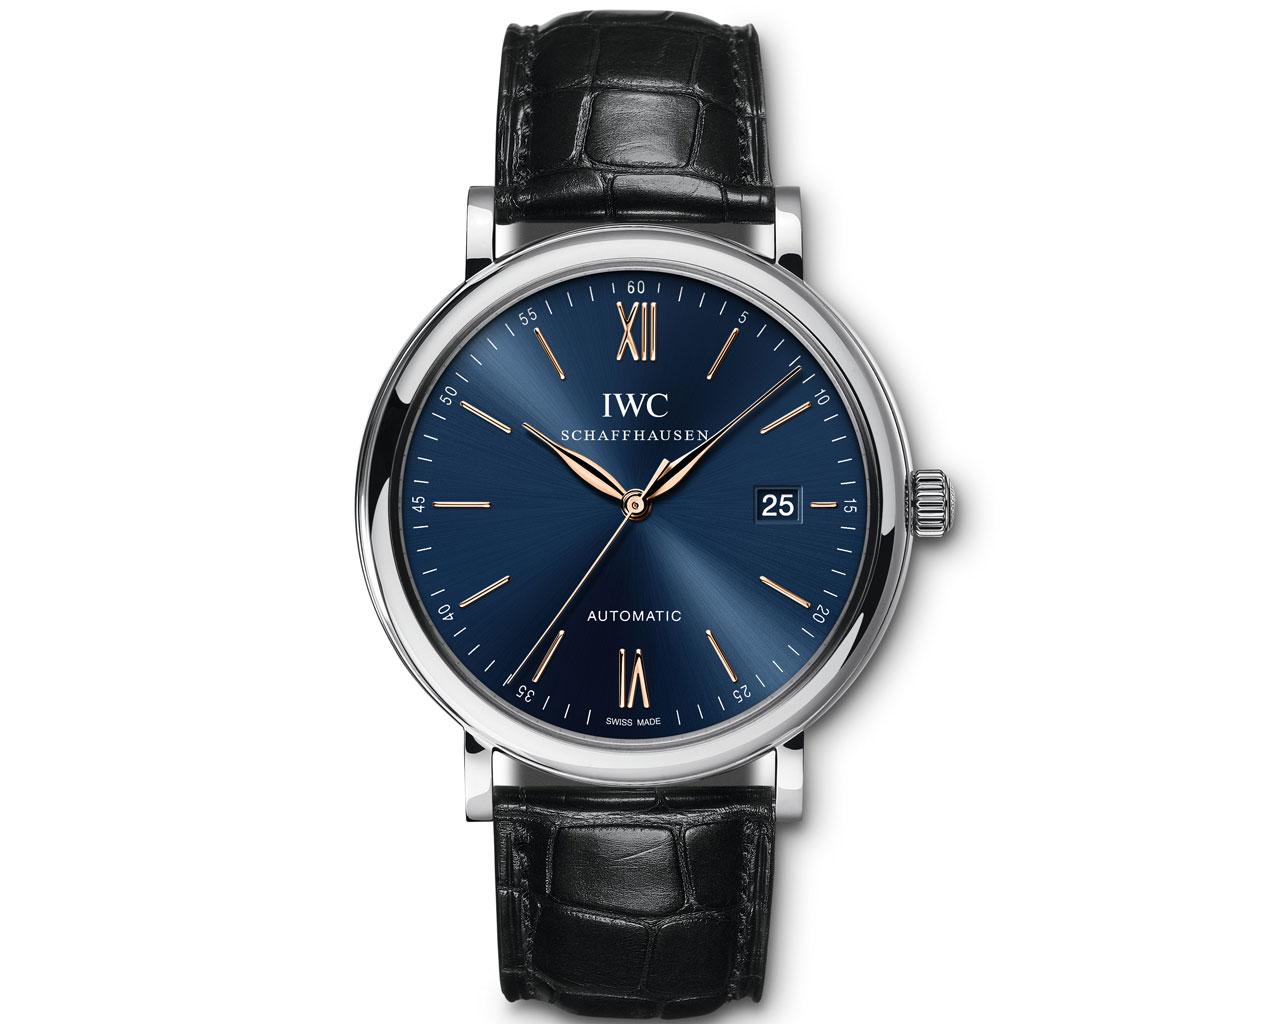 datuje się na kieszonkowy zegarek kieszonkowy randki z butelką westvleteren